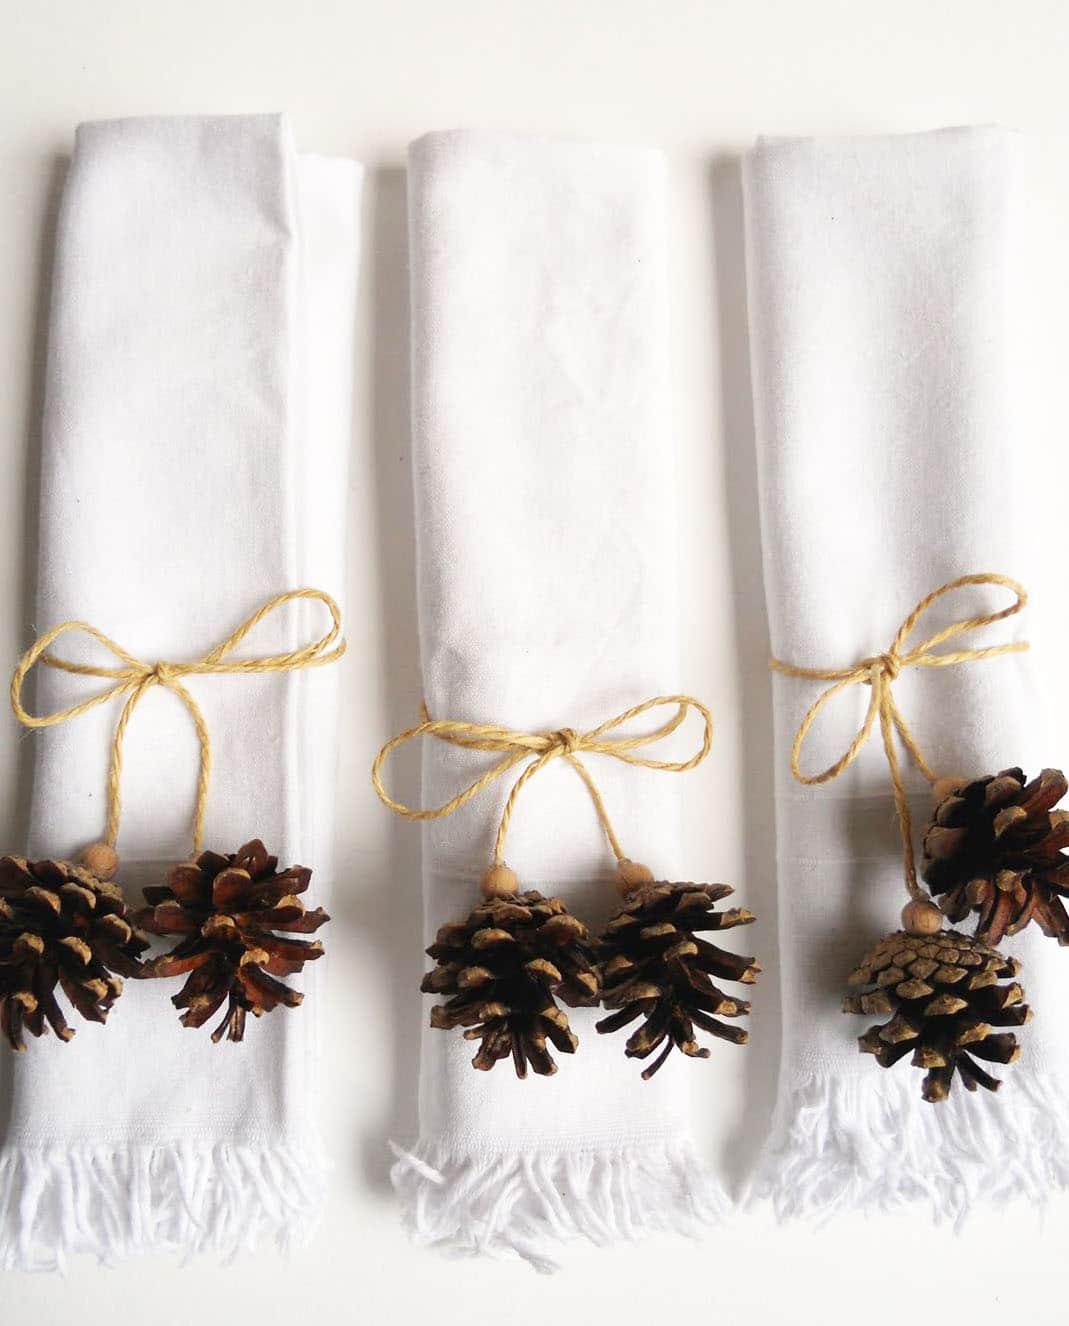 LEMONBE-Cómo arreglar tus servilletas en la cena de Navidad-04